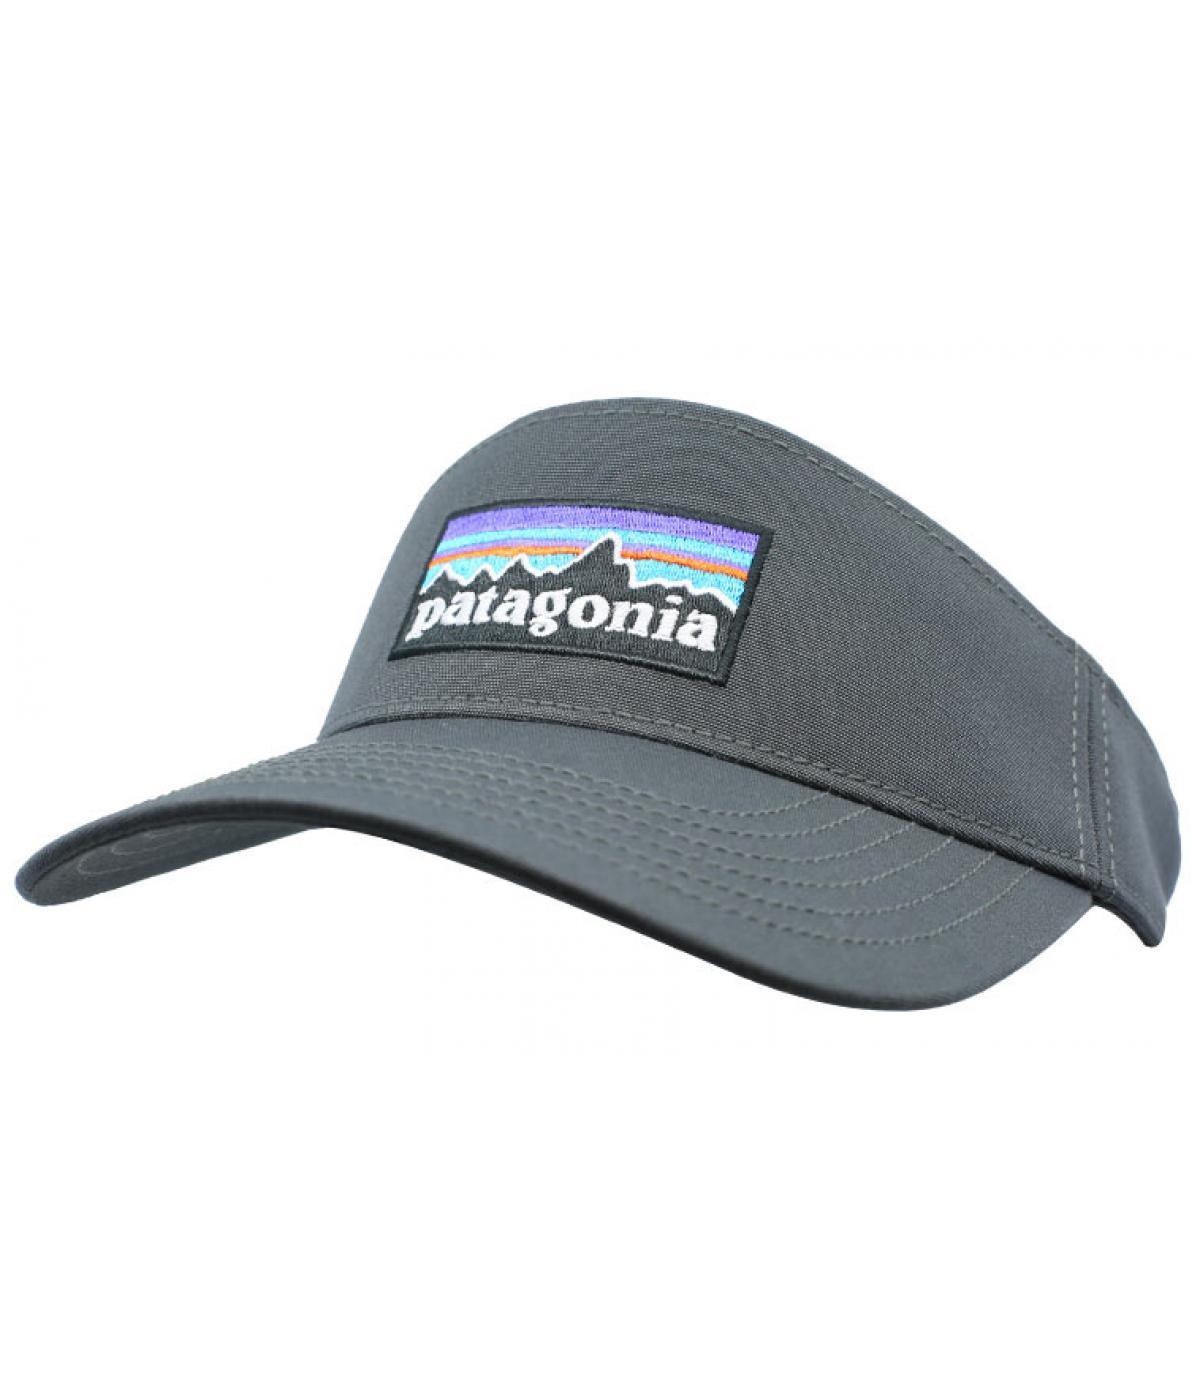 visiera grigia Patagonia